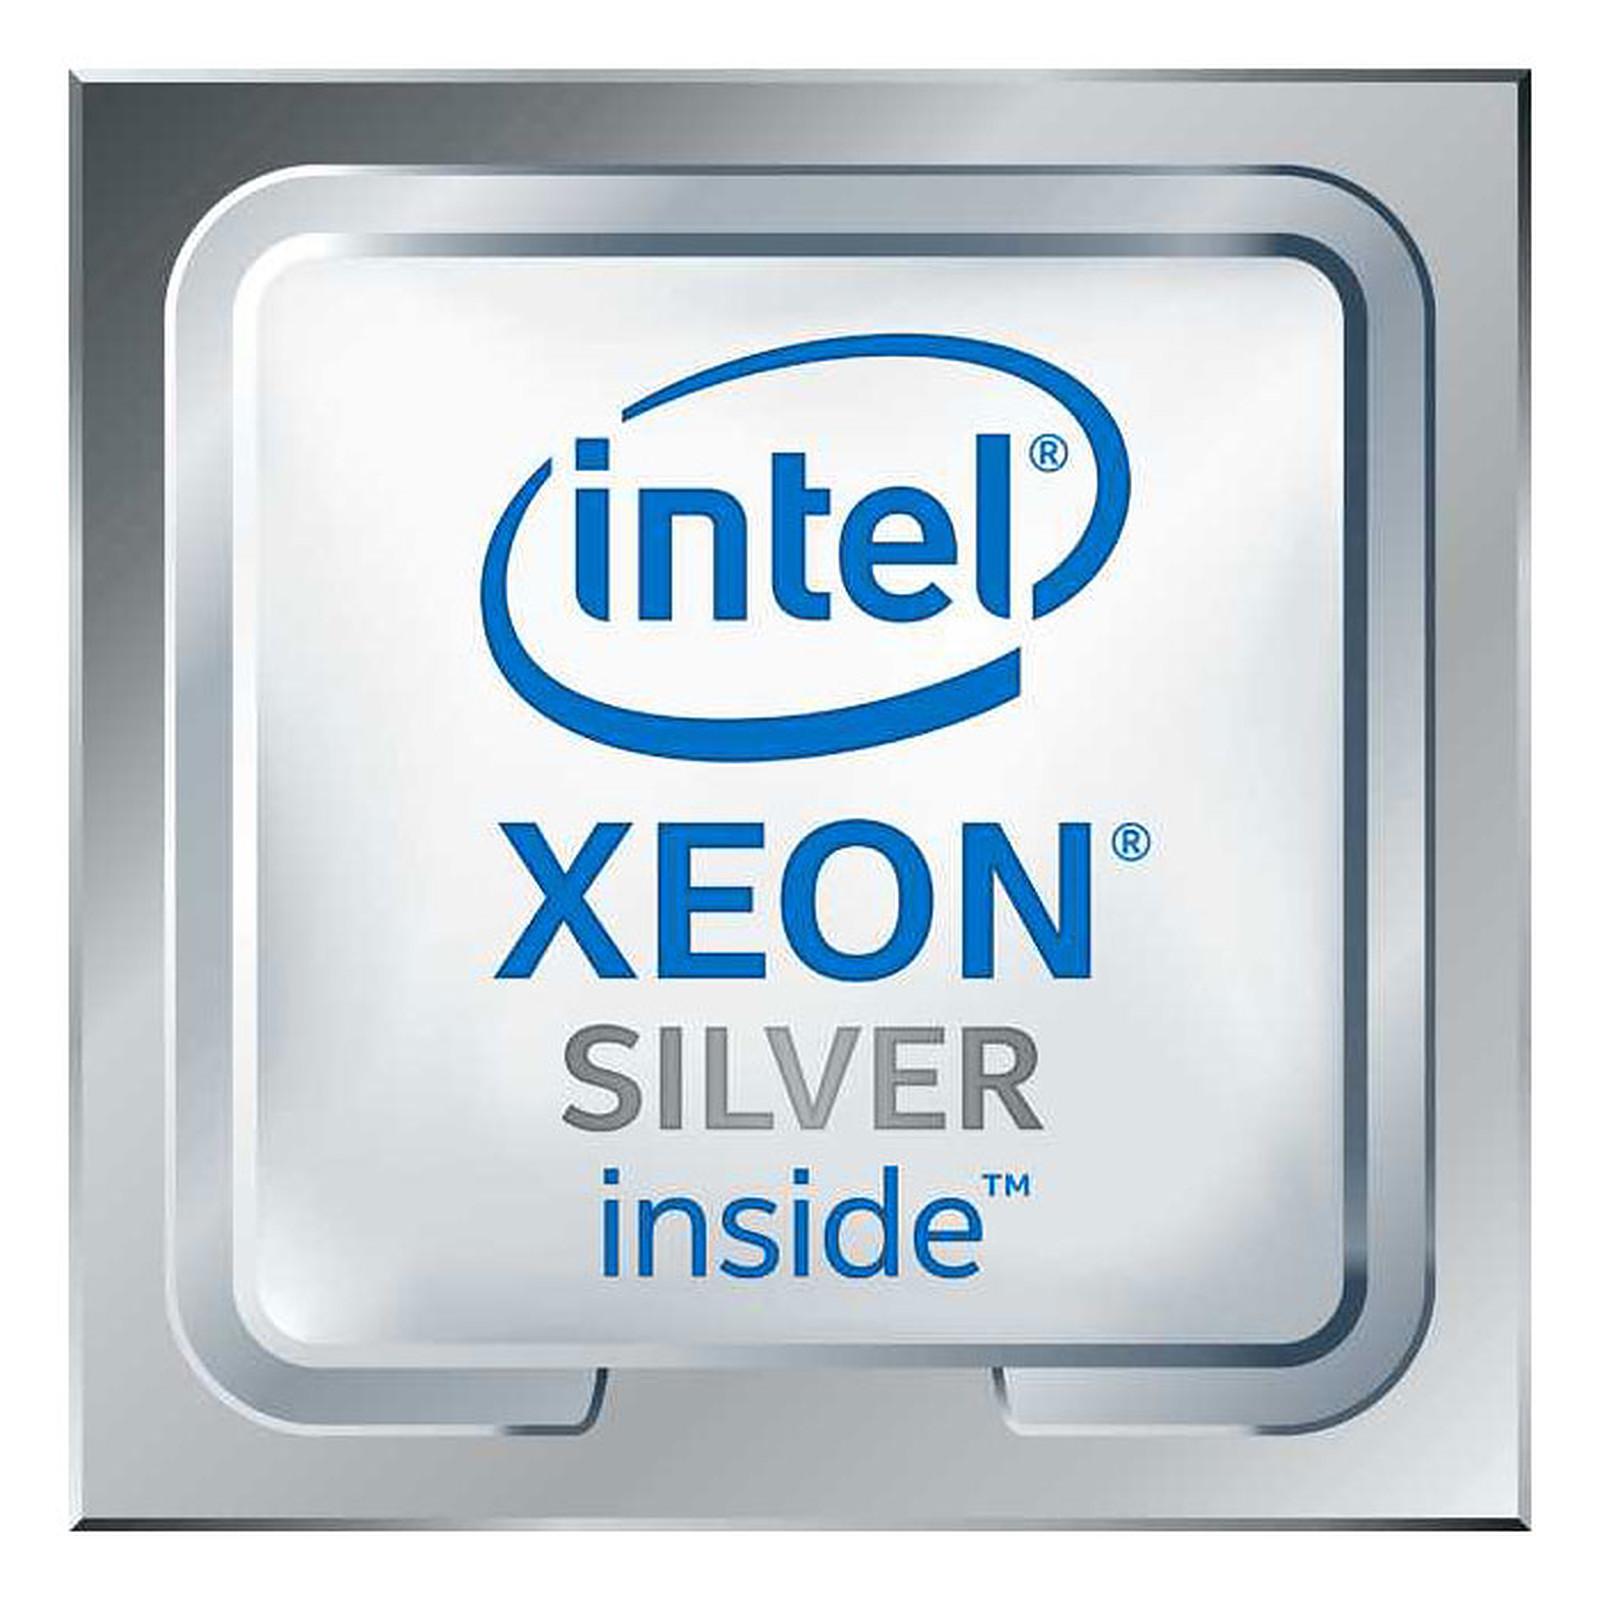 Intel Xeon Silver 4110 (2.1 GHz / 3.0 GHz)